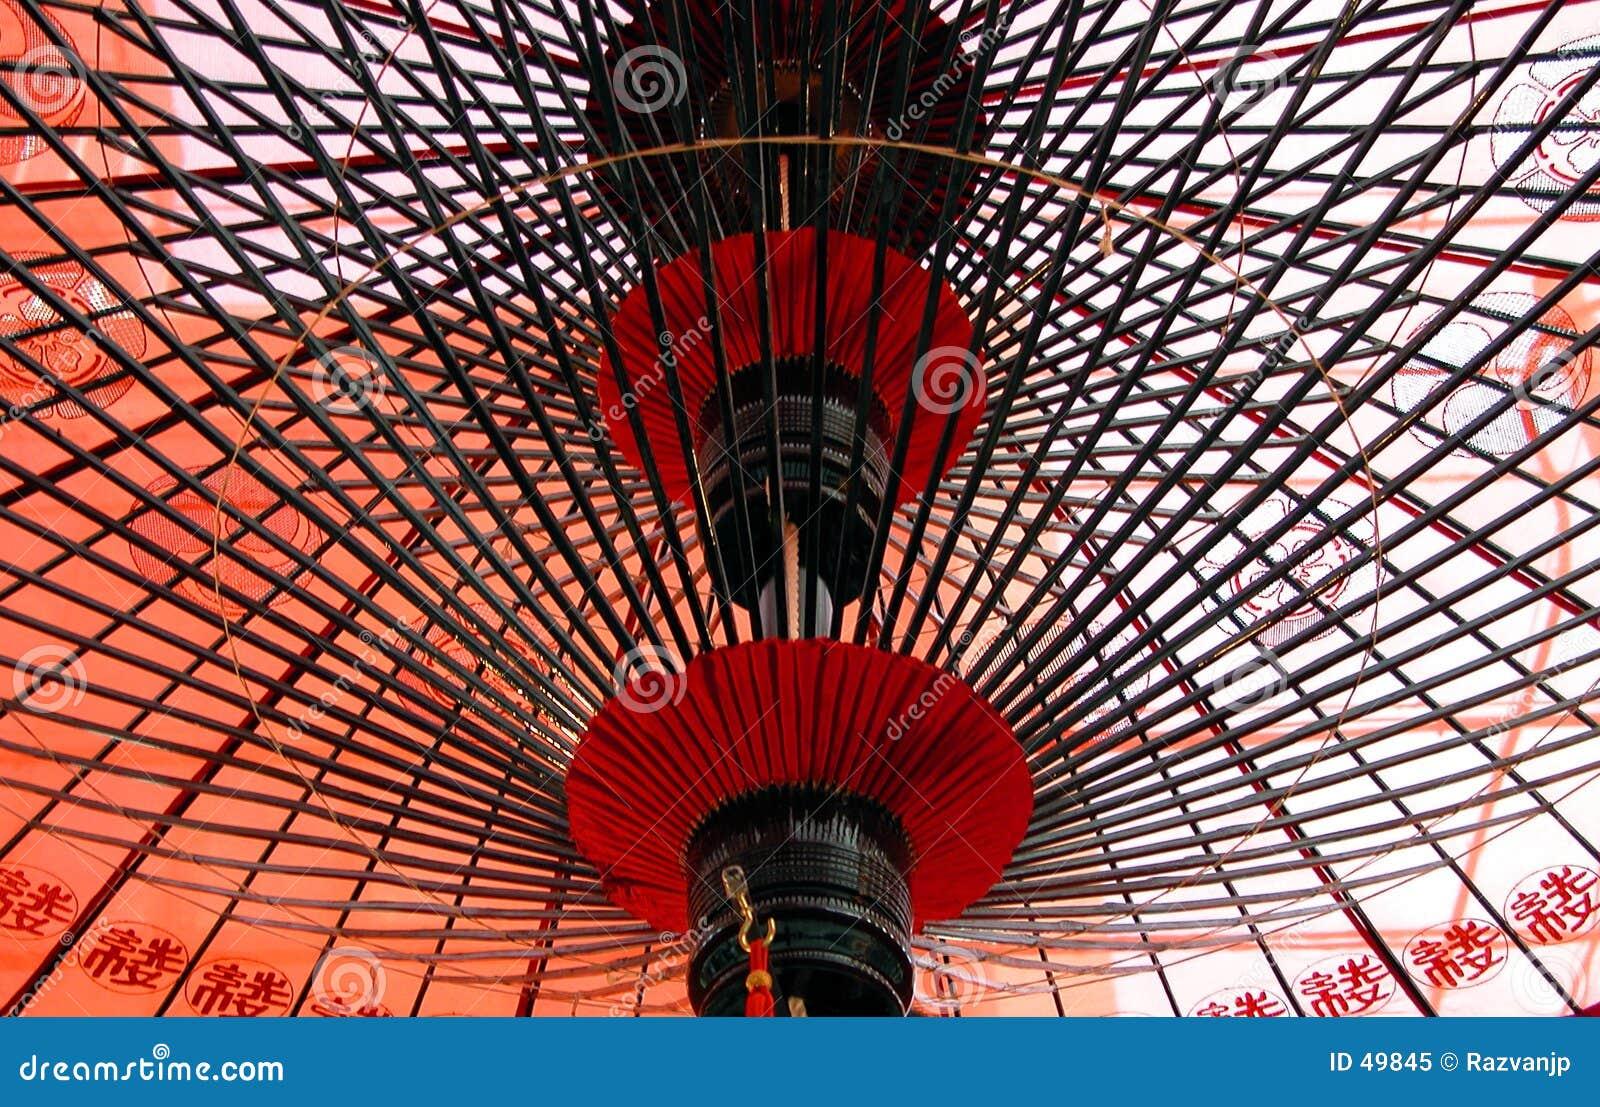 Sous le parapluie japonais